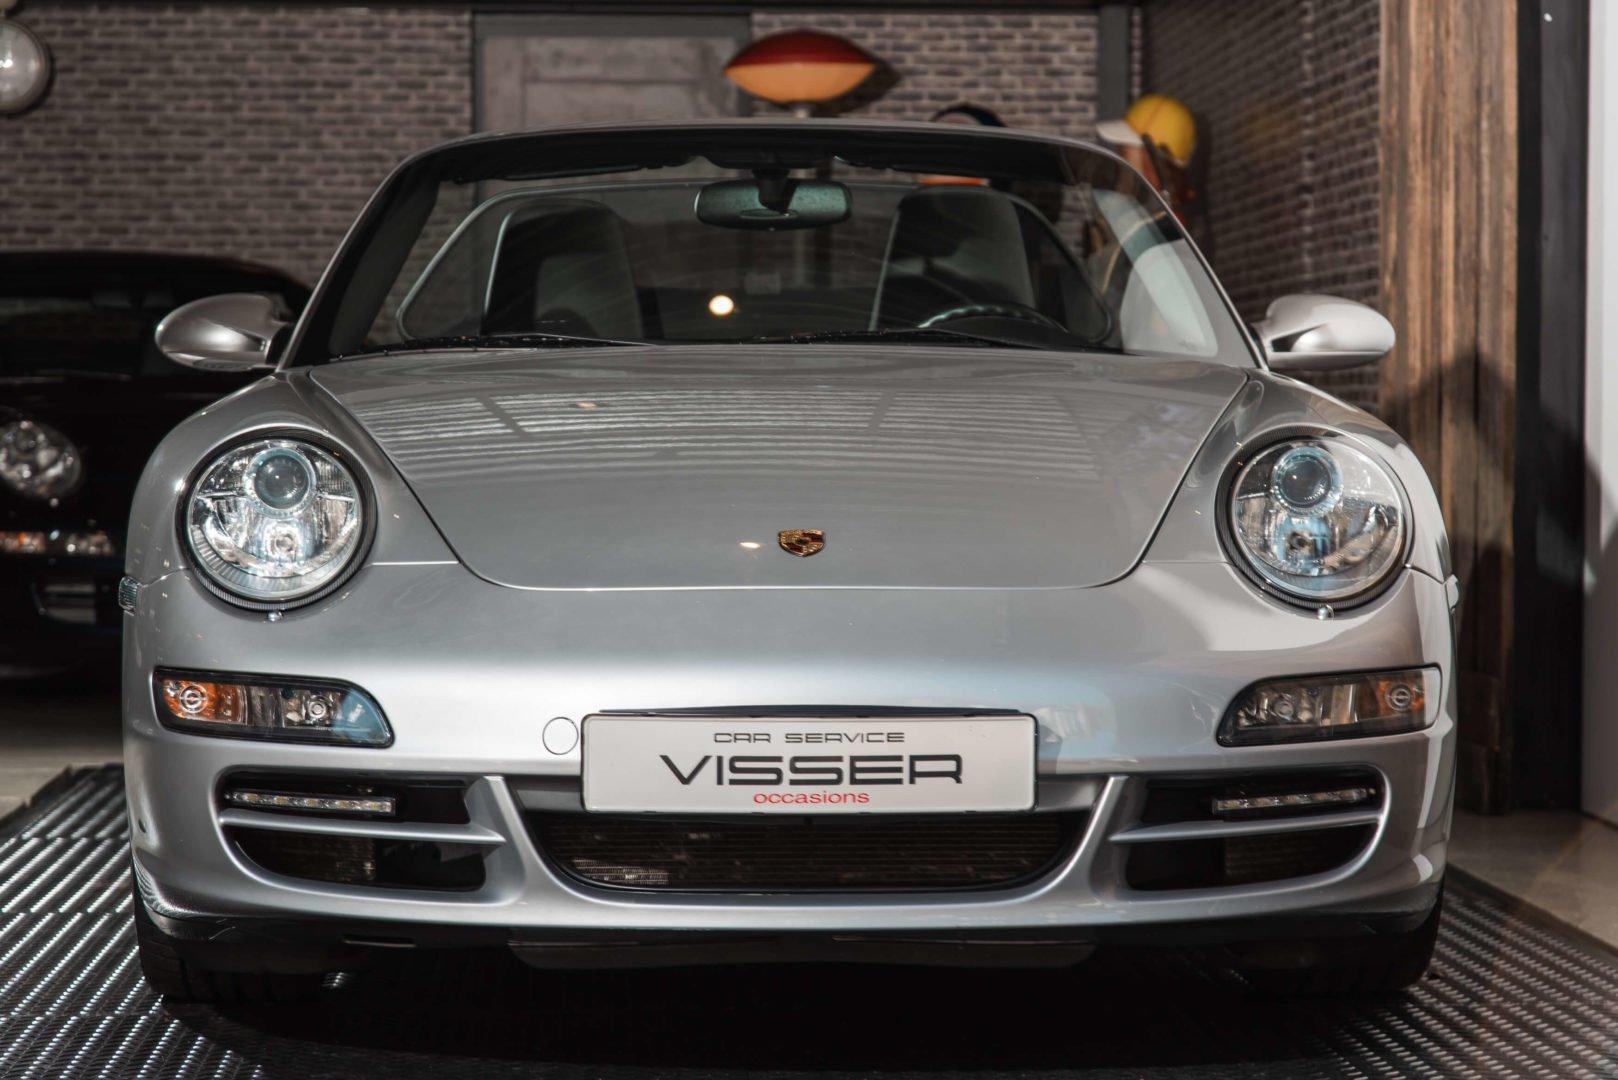 Porsche 997 Carrera 2 Cabriolet Arktissilber-met.